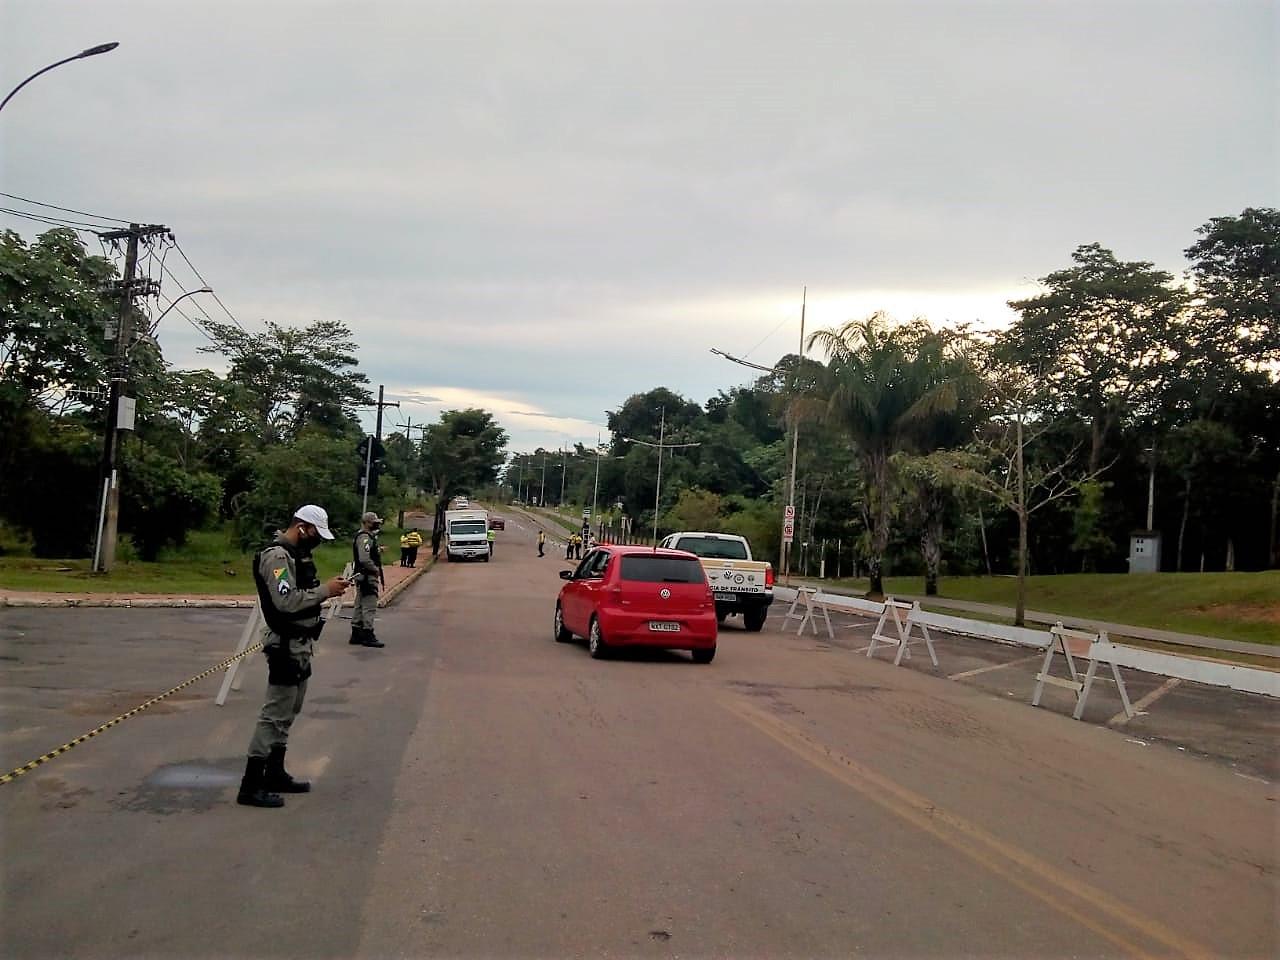 Batalhão de Trânsito da PM e demais órgãos fiscalizadores iniciam ações para evitar aglomerações